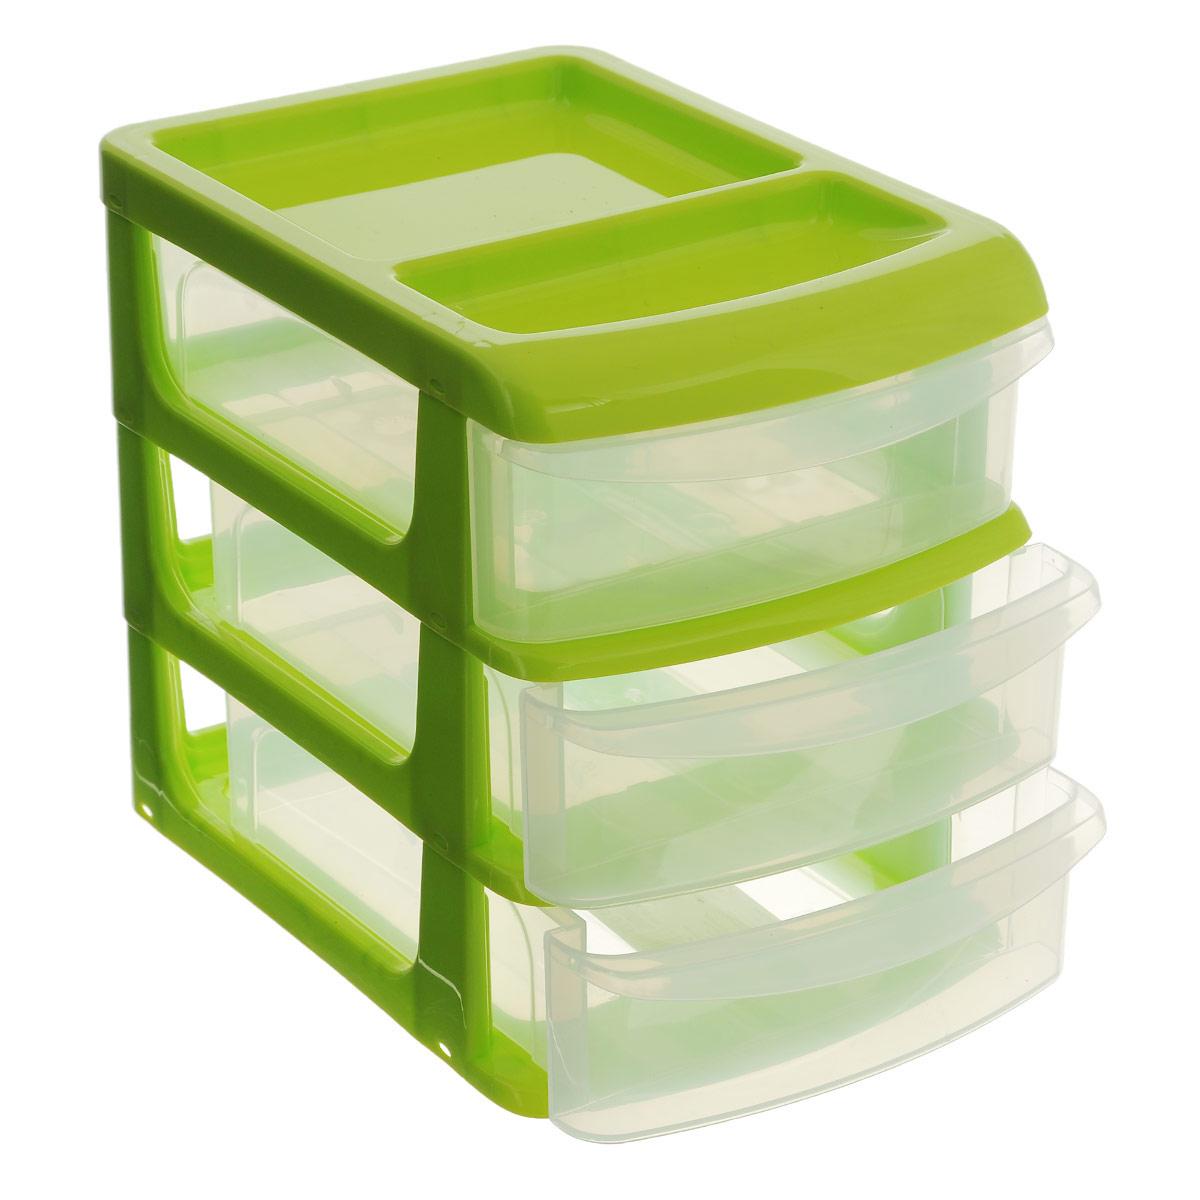 Бокс универсальный Idea, 3 секции, цвет салатовый, 20 см х 14,5 см х 18 см бокс универсальный idea 3 секции цвет салатовый 20 см х 14 5 см х 18 см